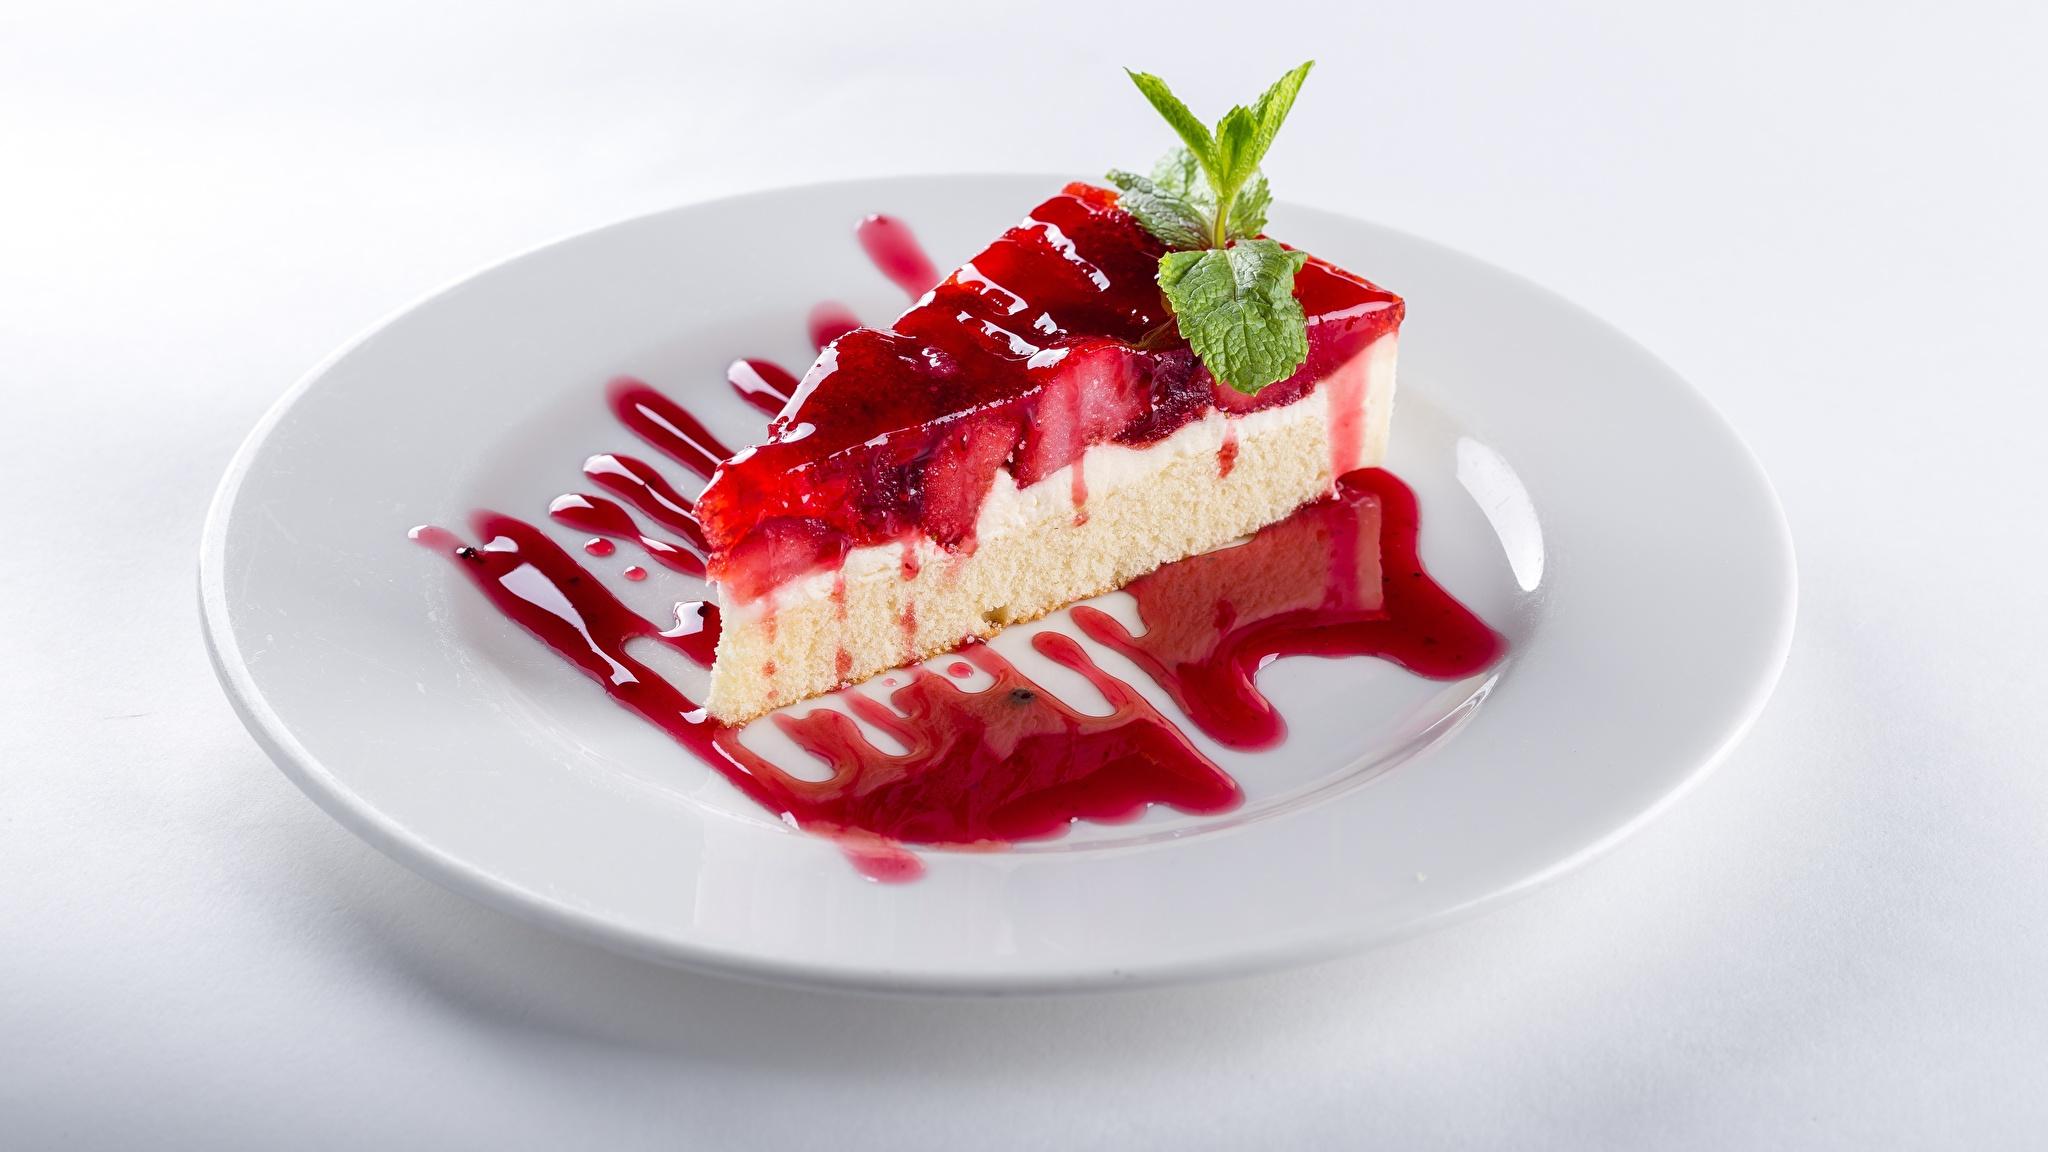 Фото Торты часть Пища Тарелка Белый фон 2048x1152 Кусок Еда Продукты питания